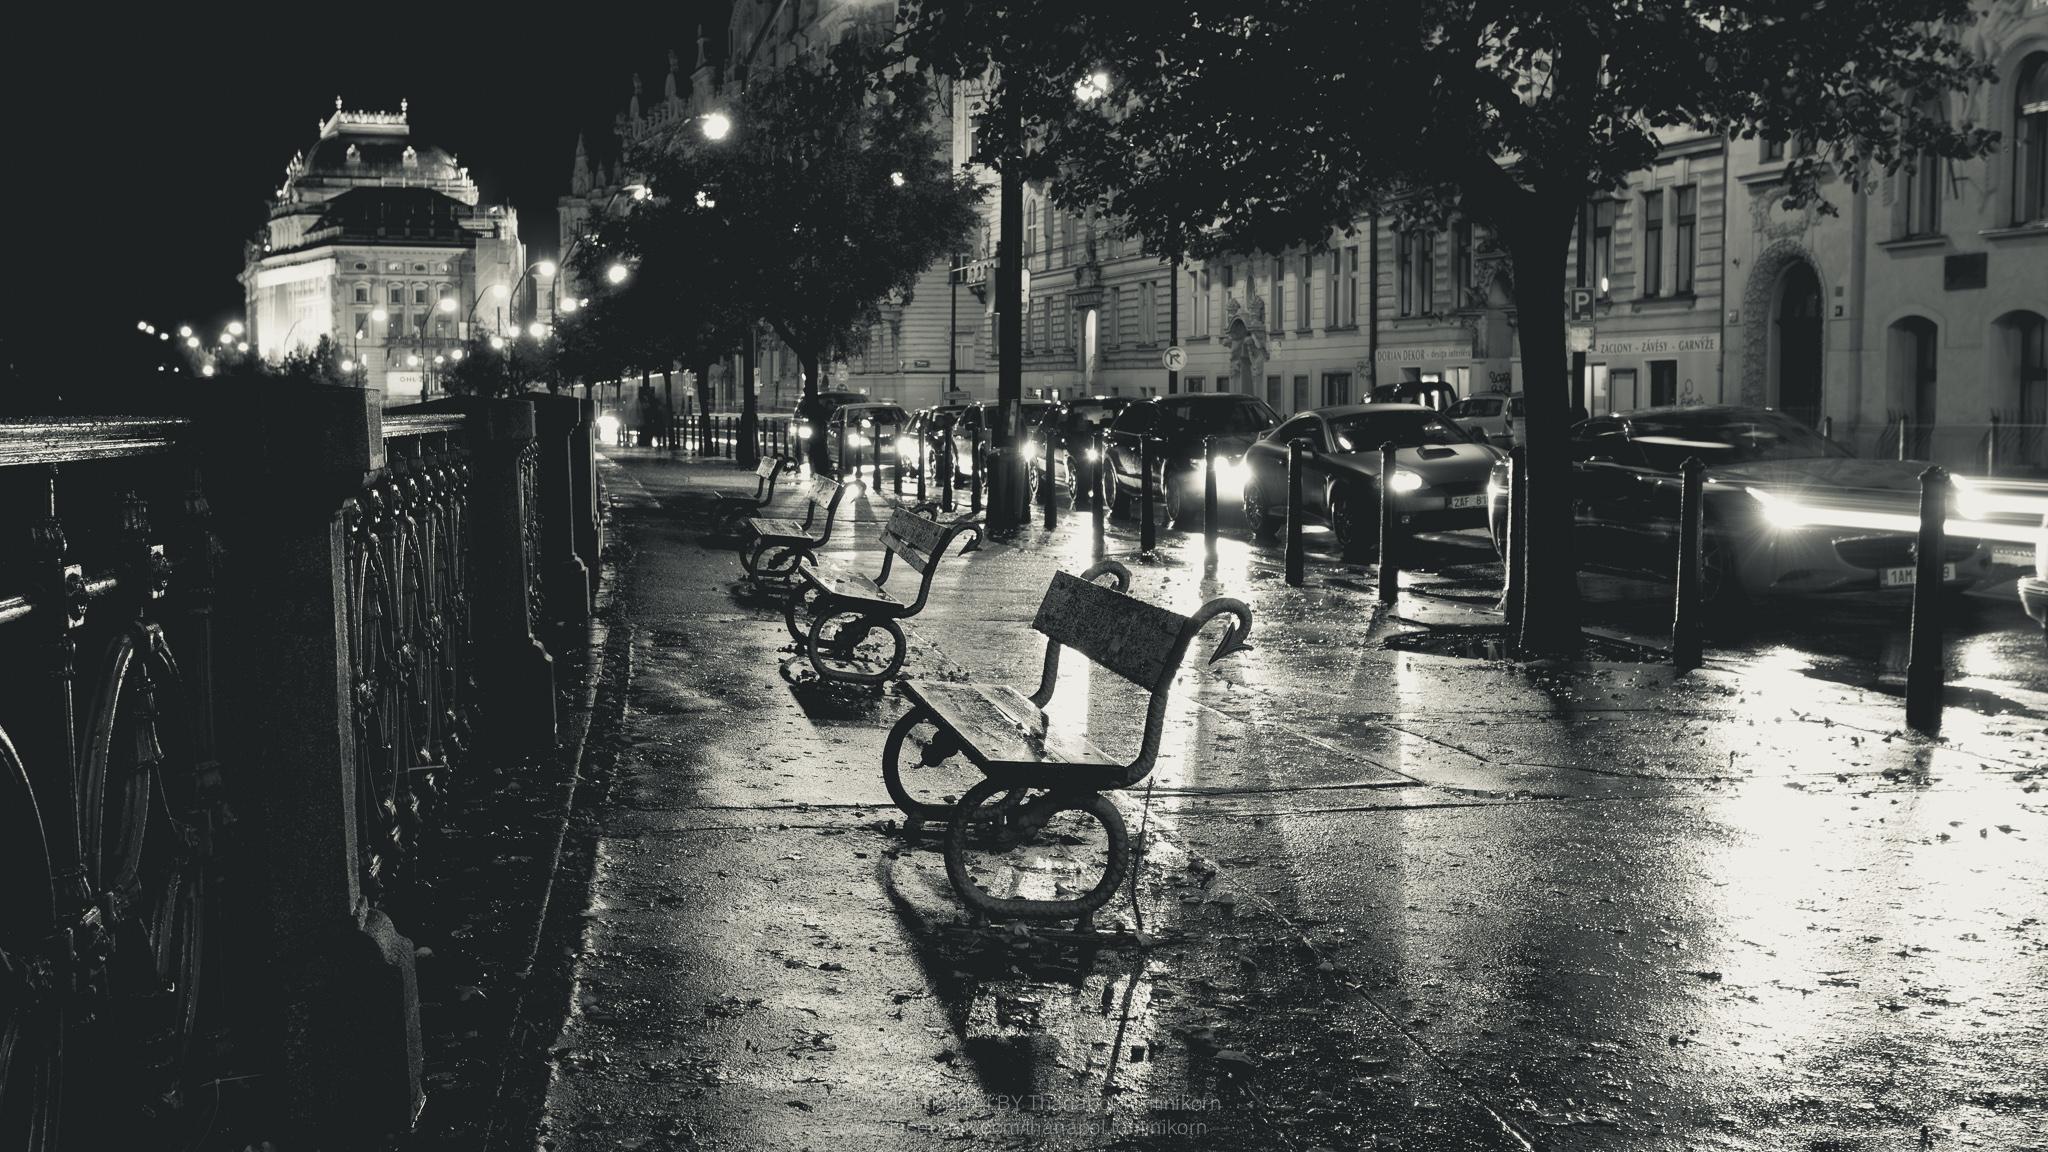 картинки черно белые дождь проспекты создаваться опорные